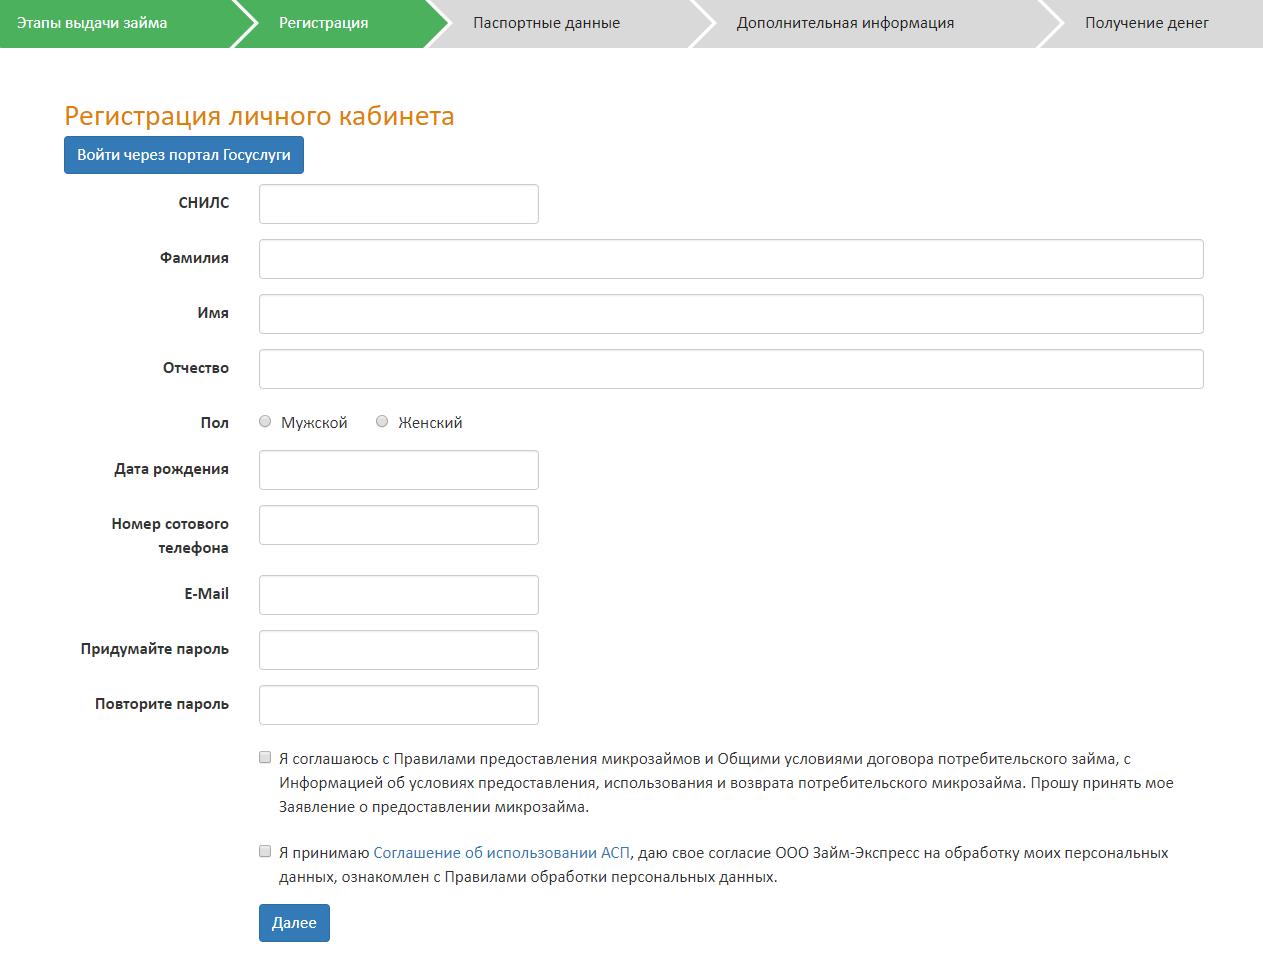 Ипотечный кредит без первоначального взноса в сбербанке